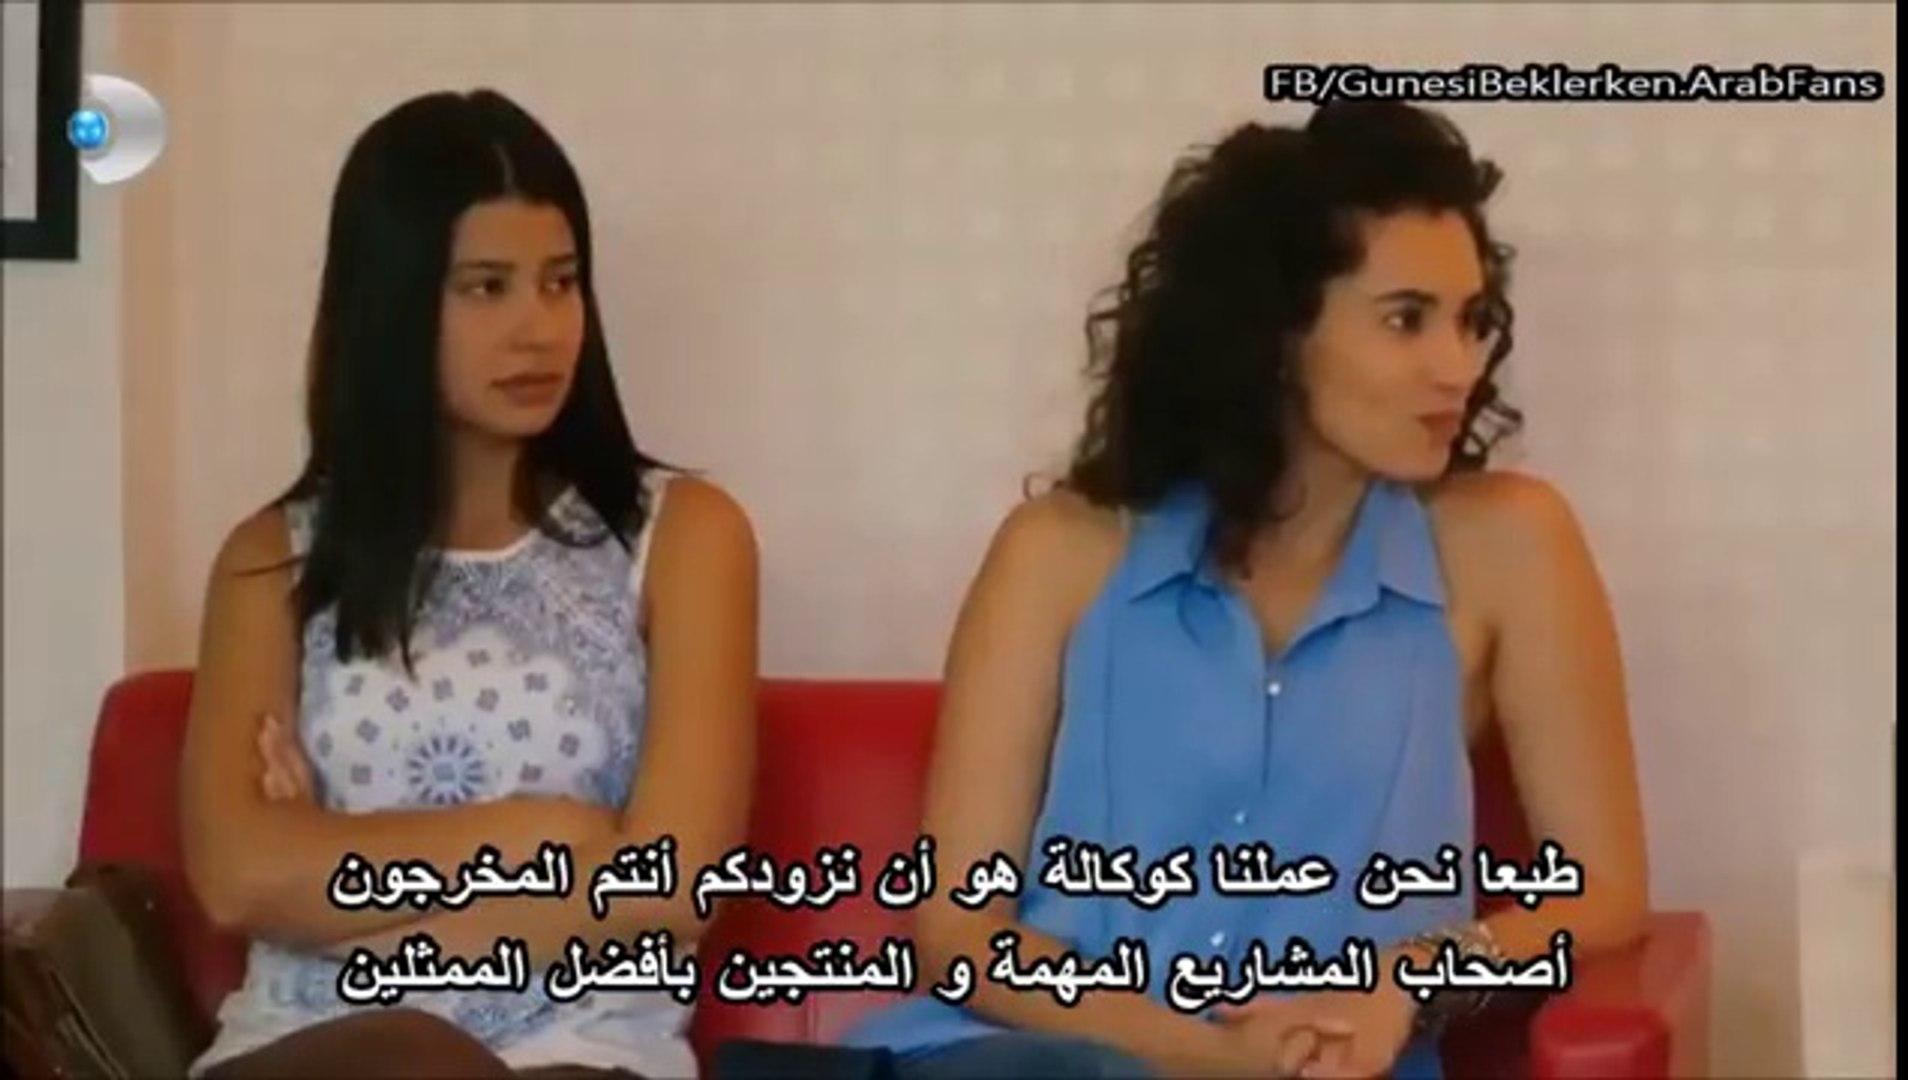 مسلسل ما وراء الشمس مشهد زينب و ياسمين و هم يبحثون عن ممثل